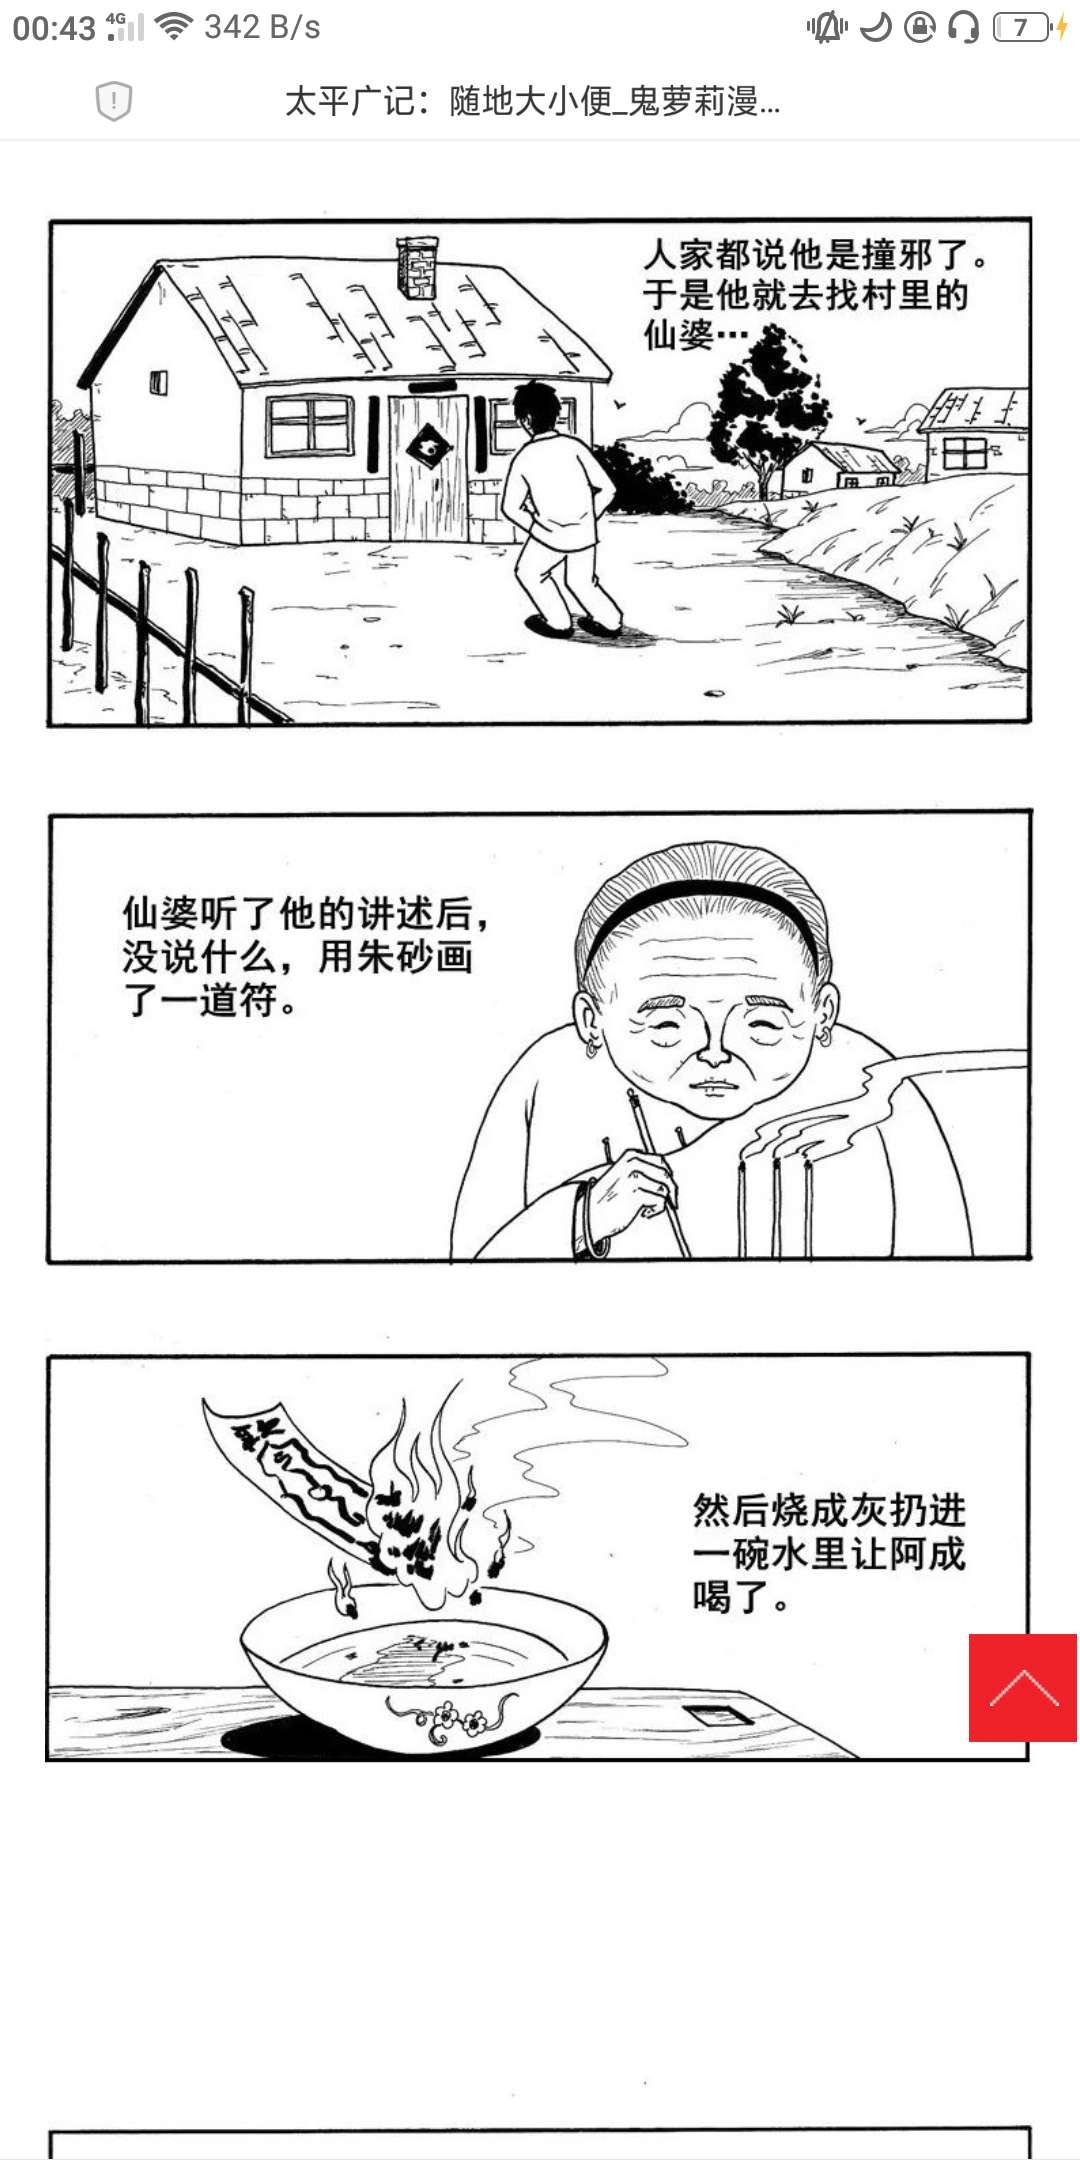 【漫画更新】太平广记之《随地大小便》